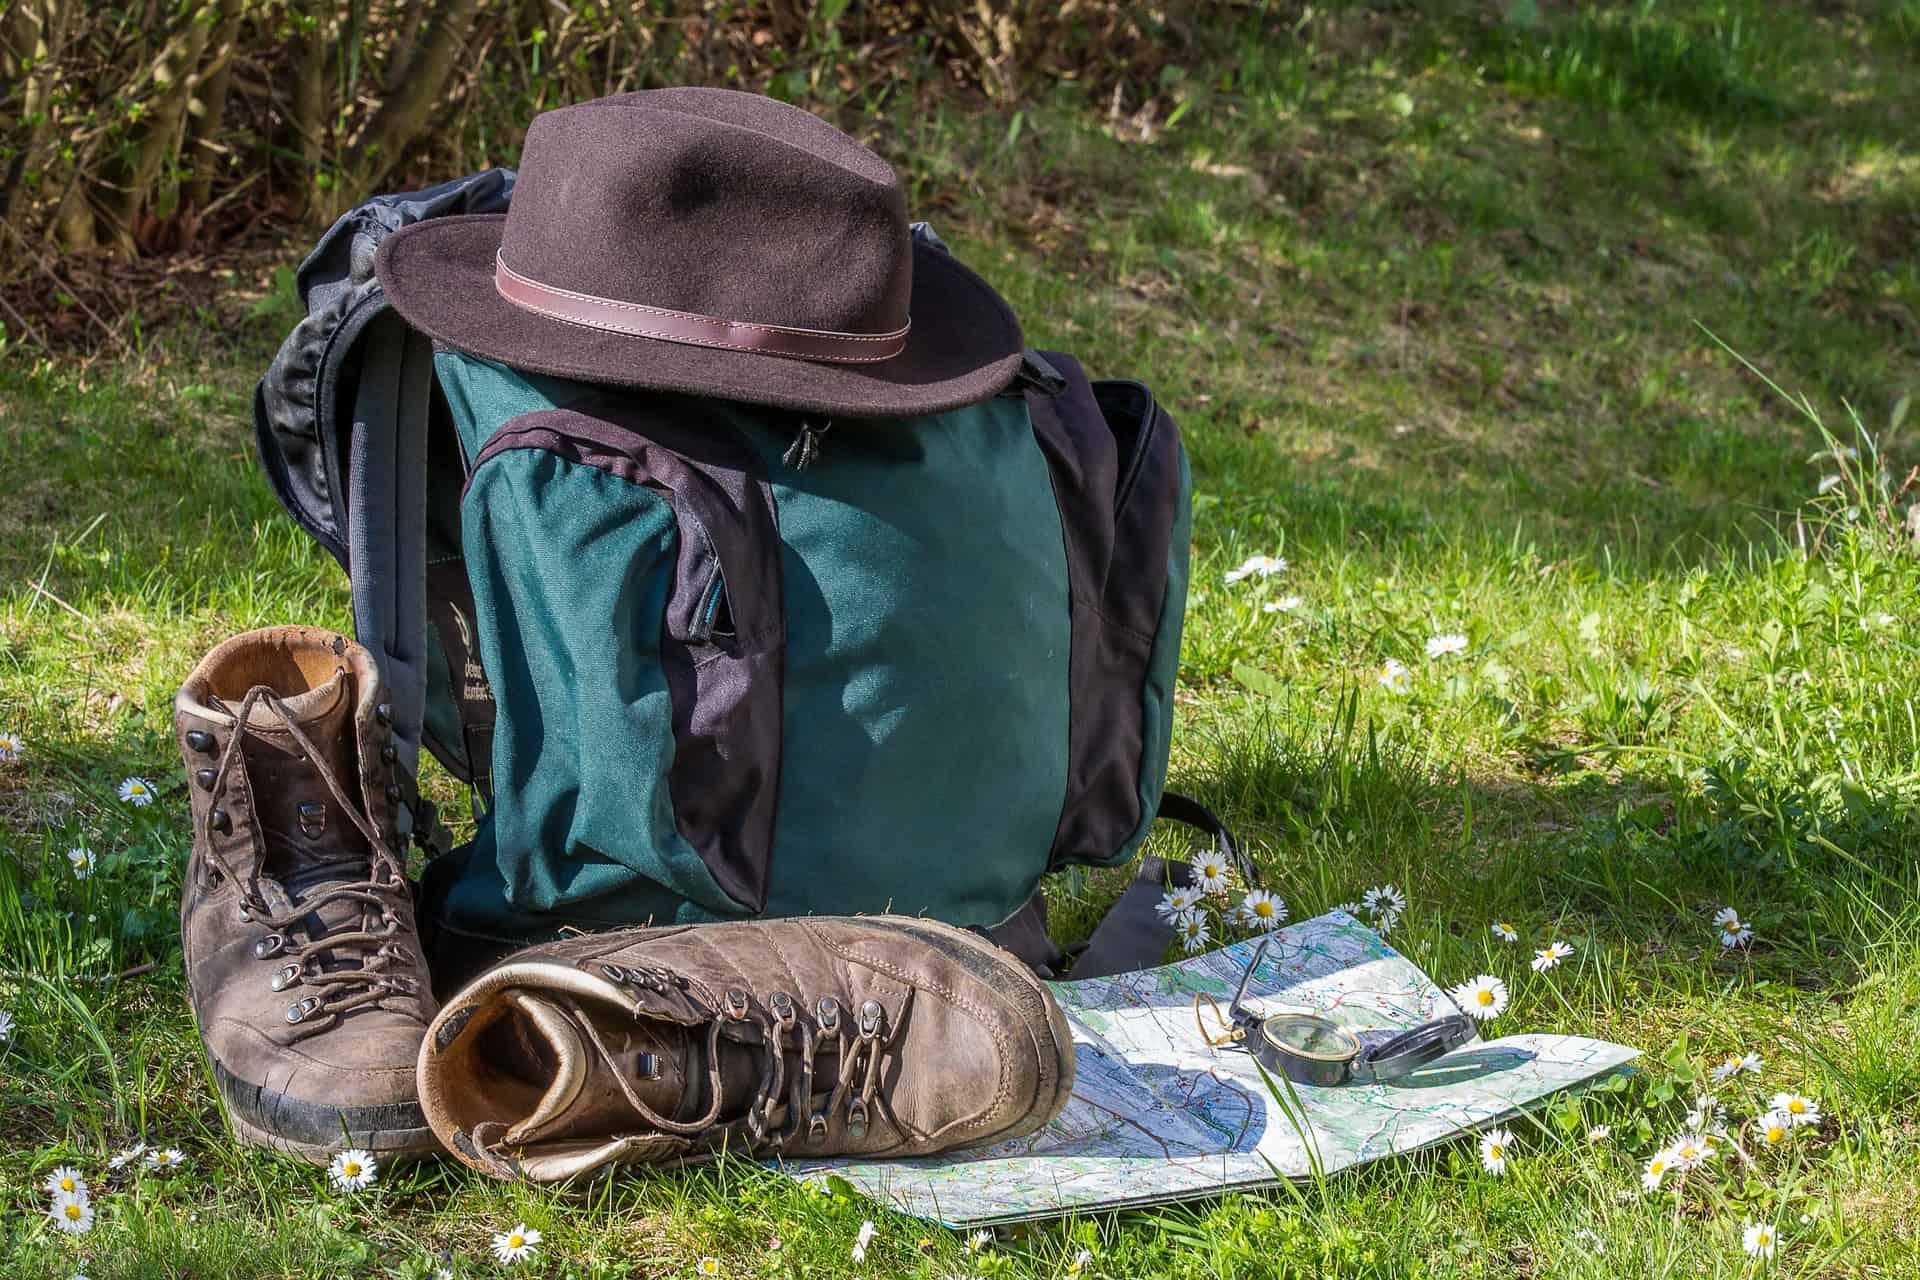 Wandersocken: Test & Empfehlungen (05/21)